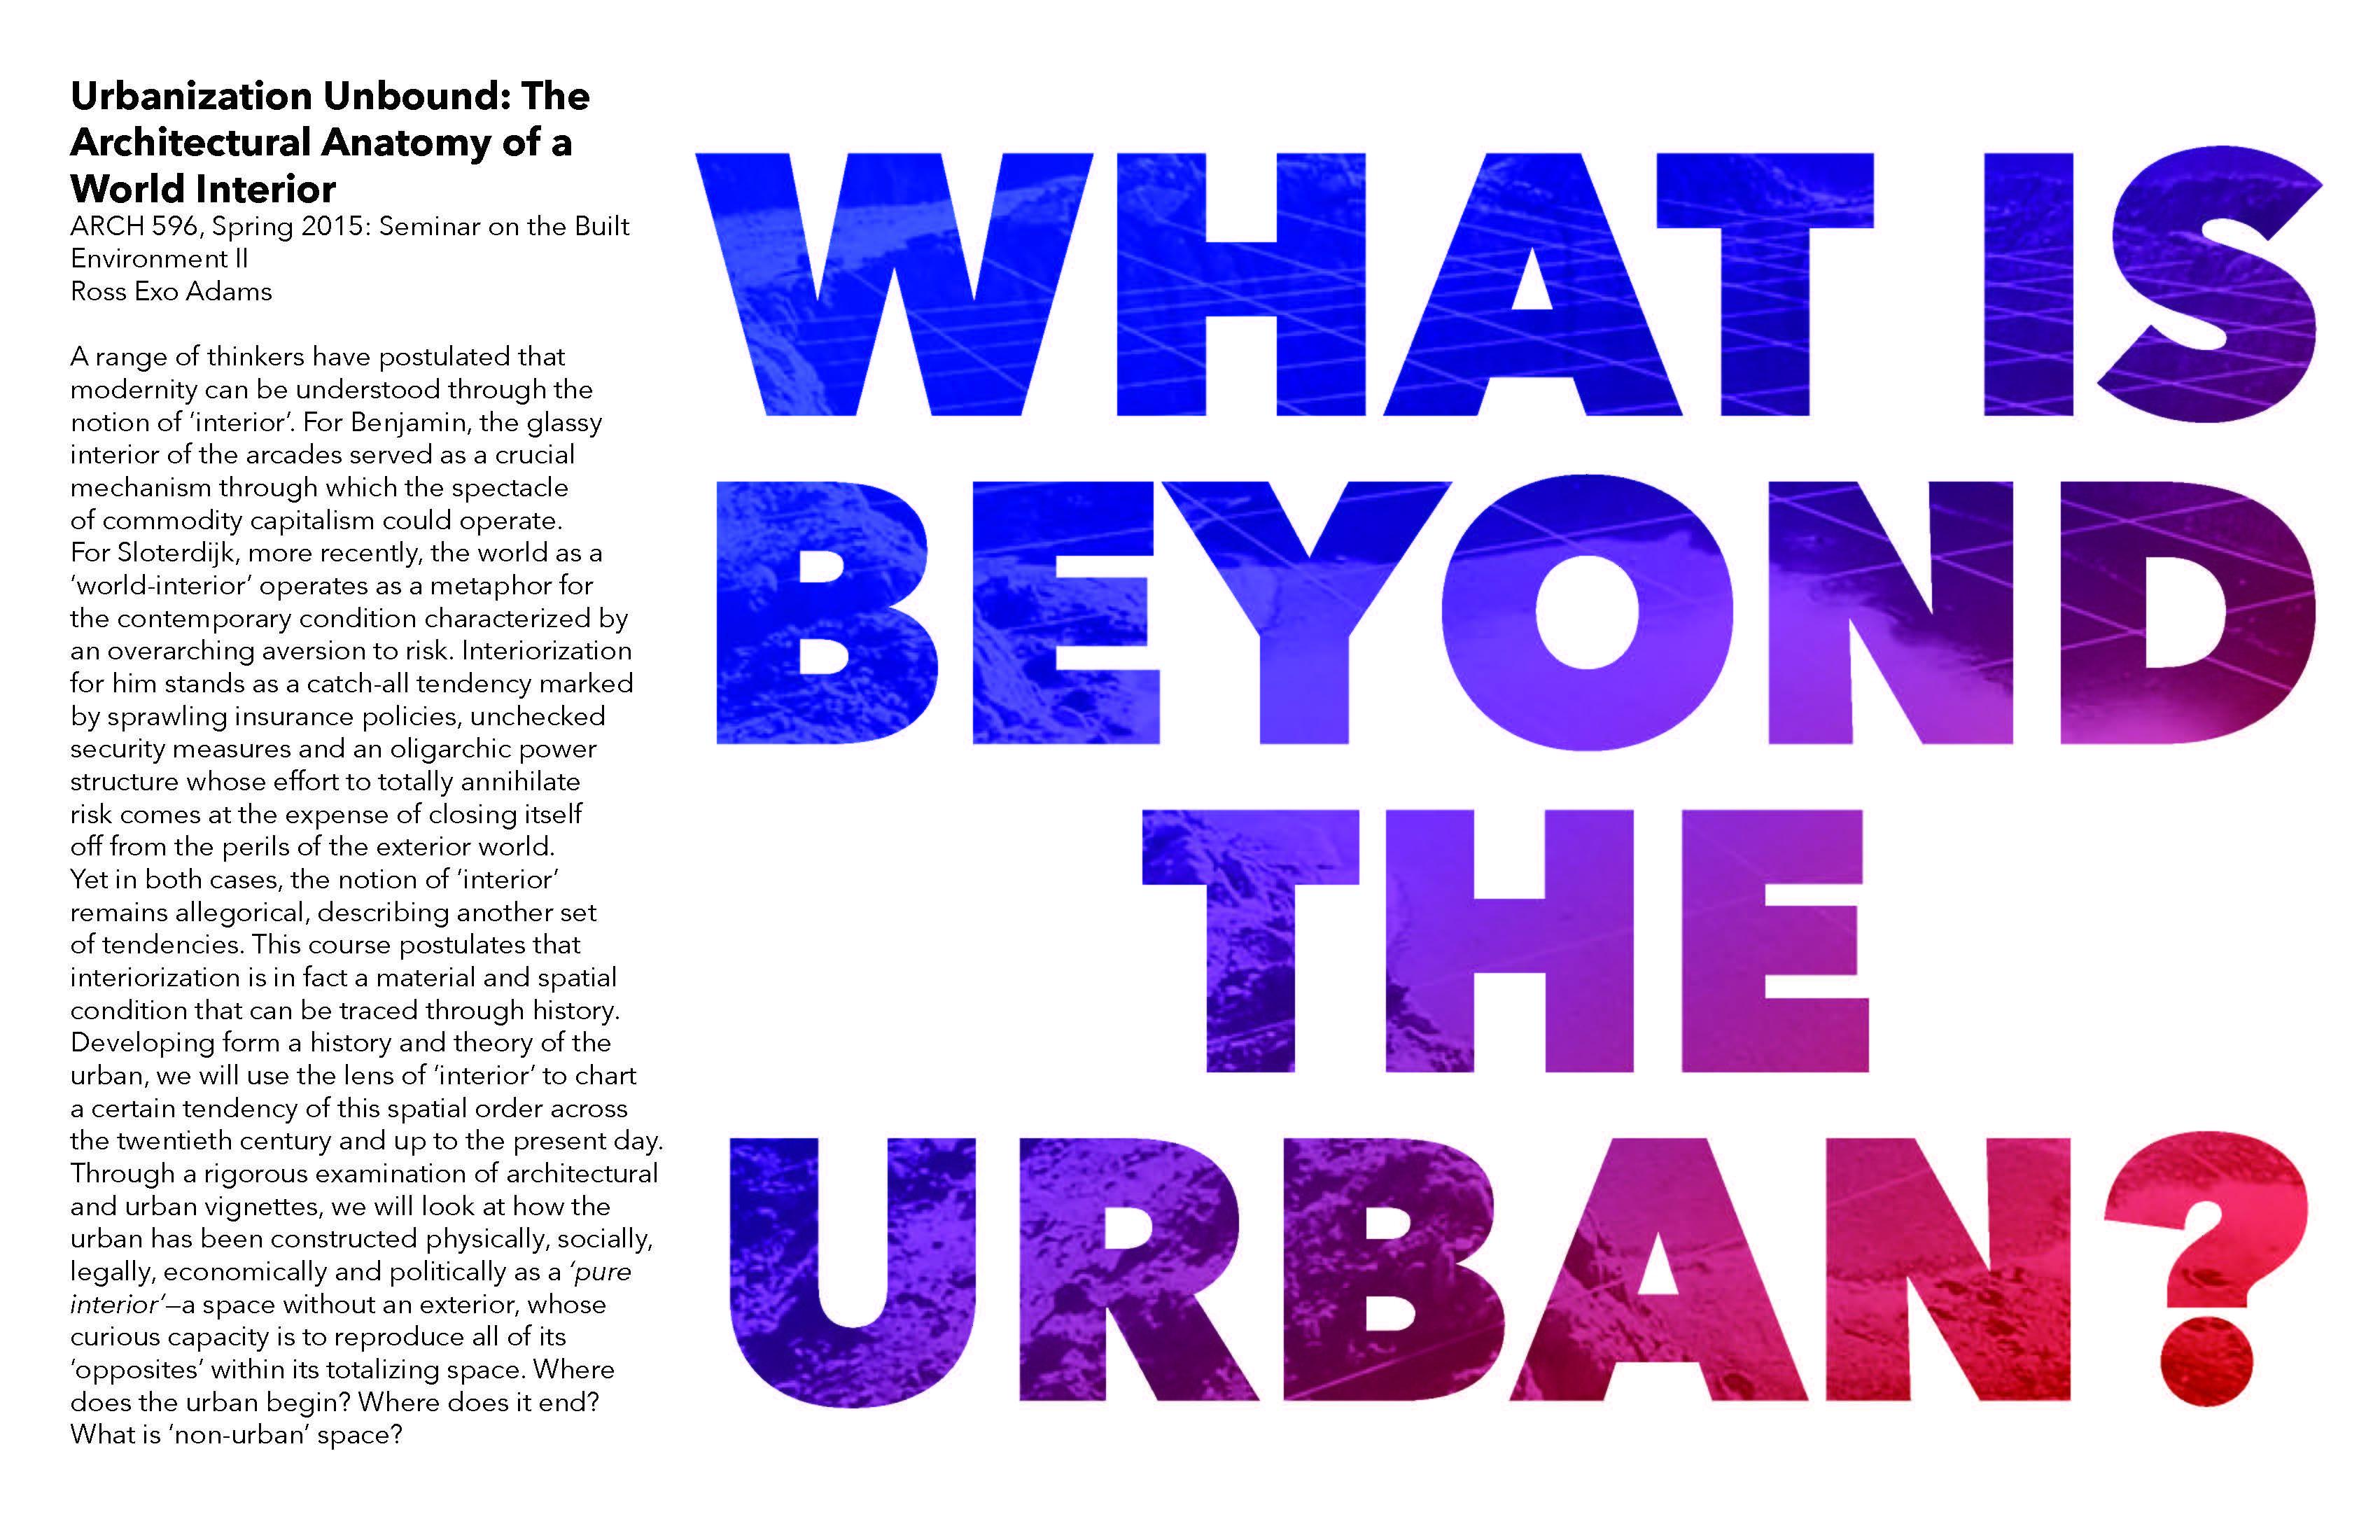 Urbanization Unbound: The architectural anatomy of a world interior ...